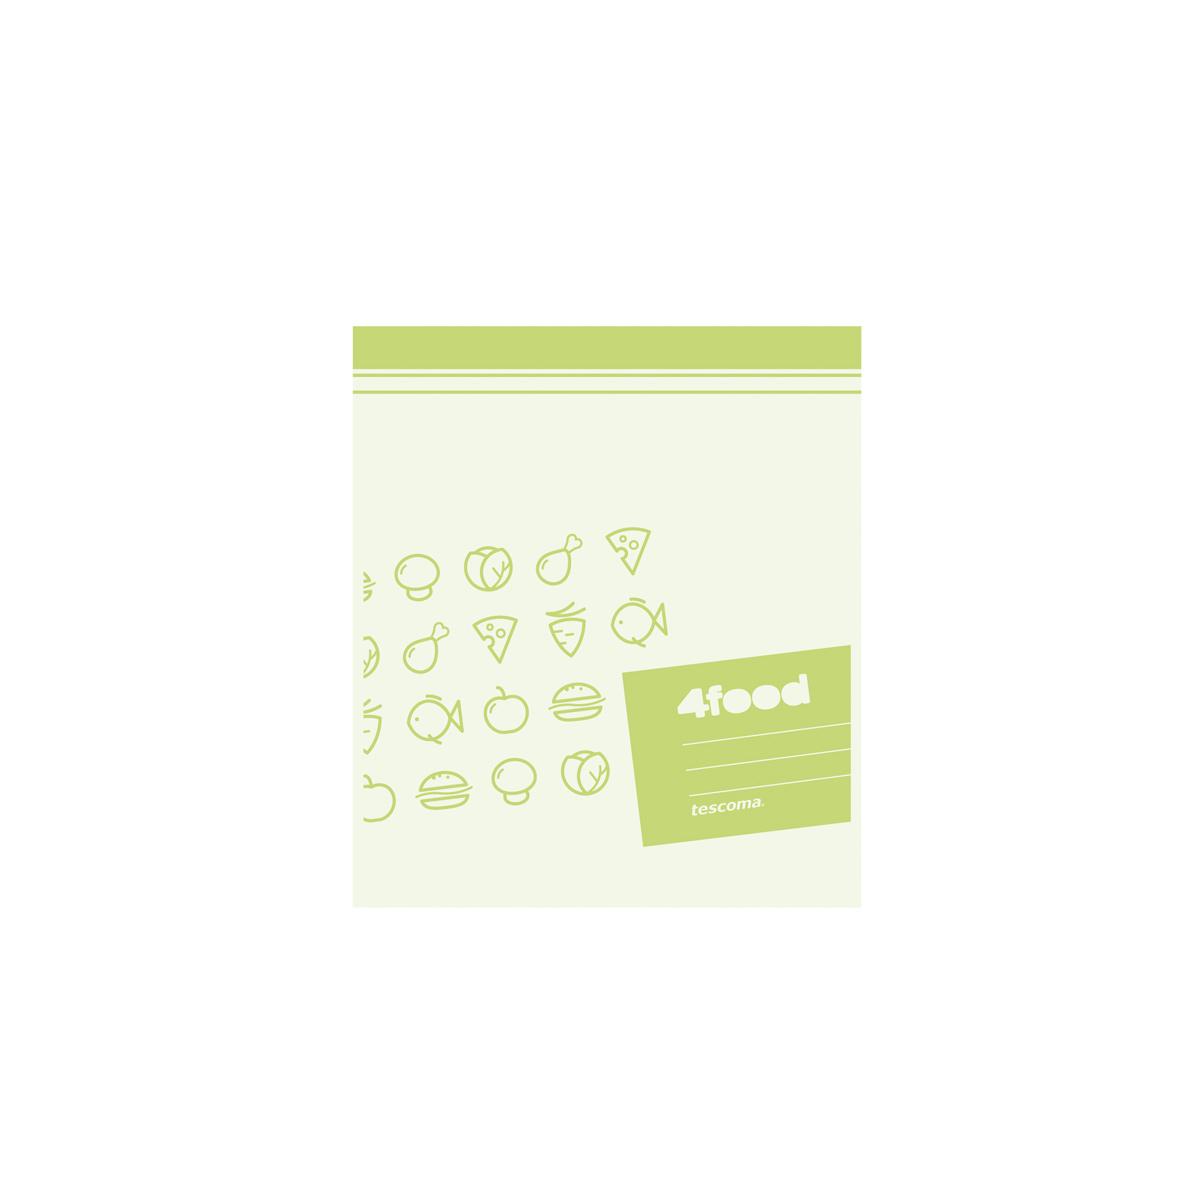 Sáčky na potraviny 4FOOD 27x23 cm, 15 ks